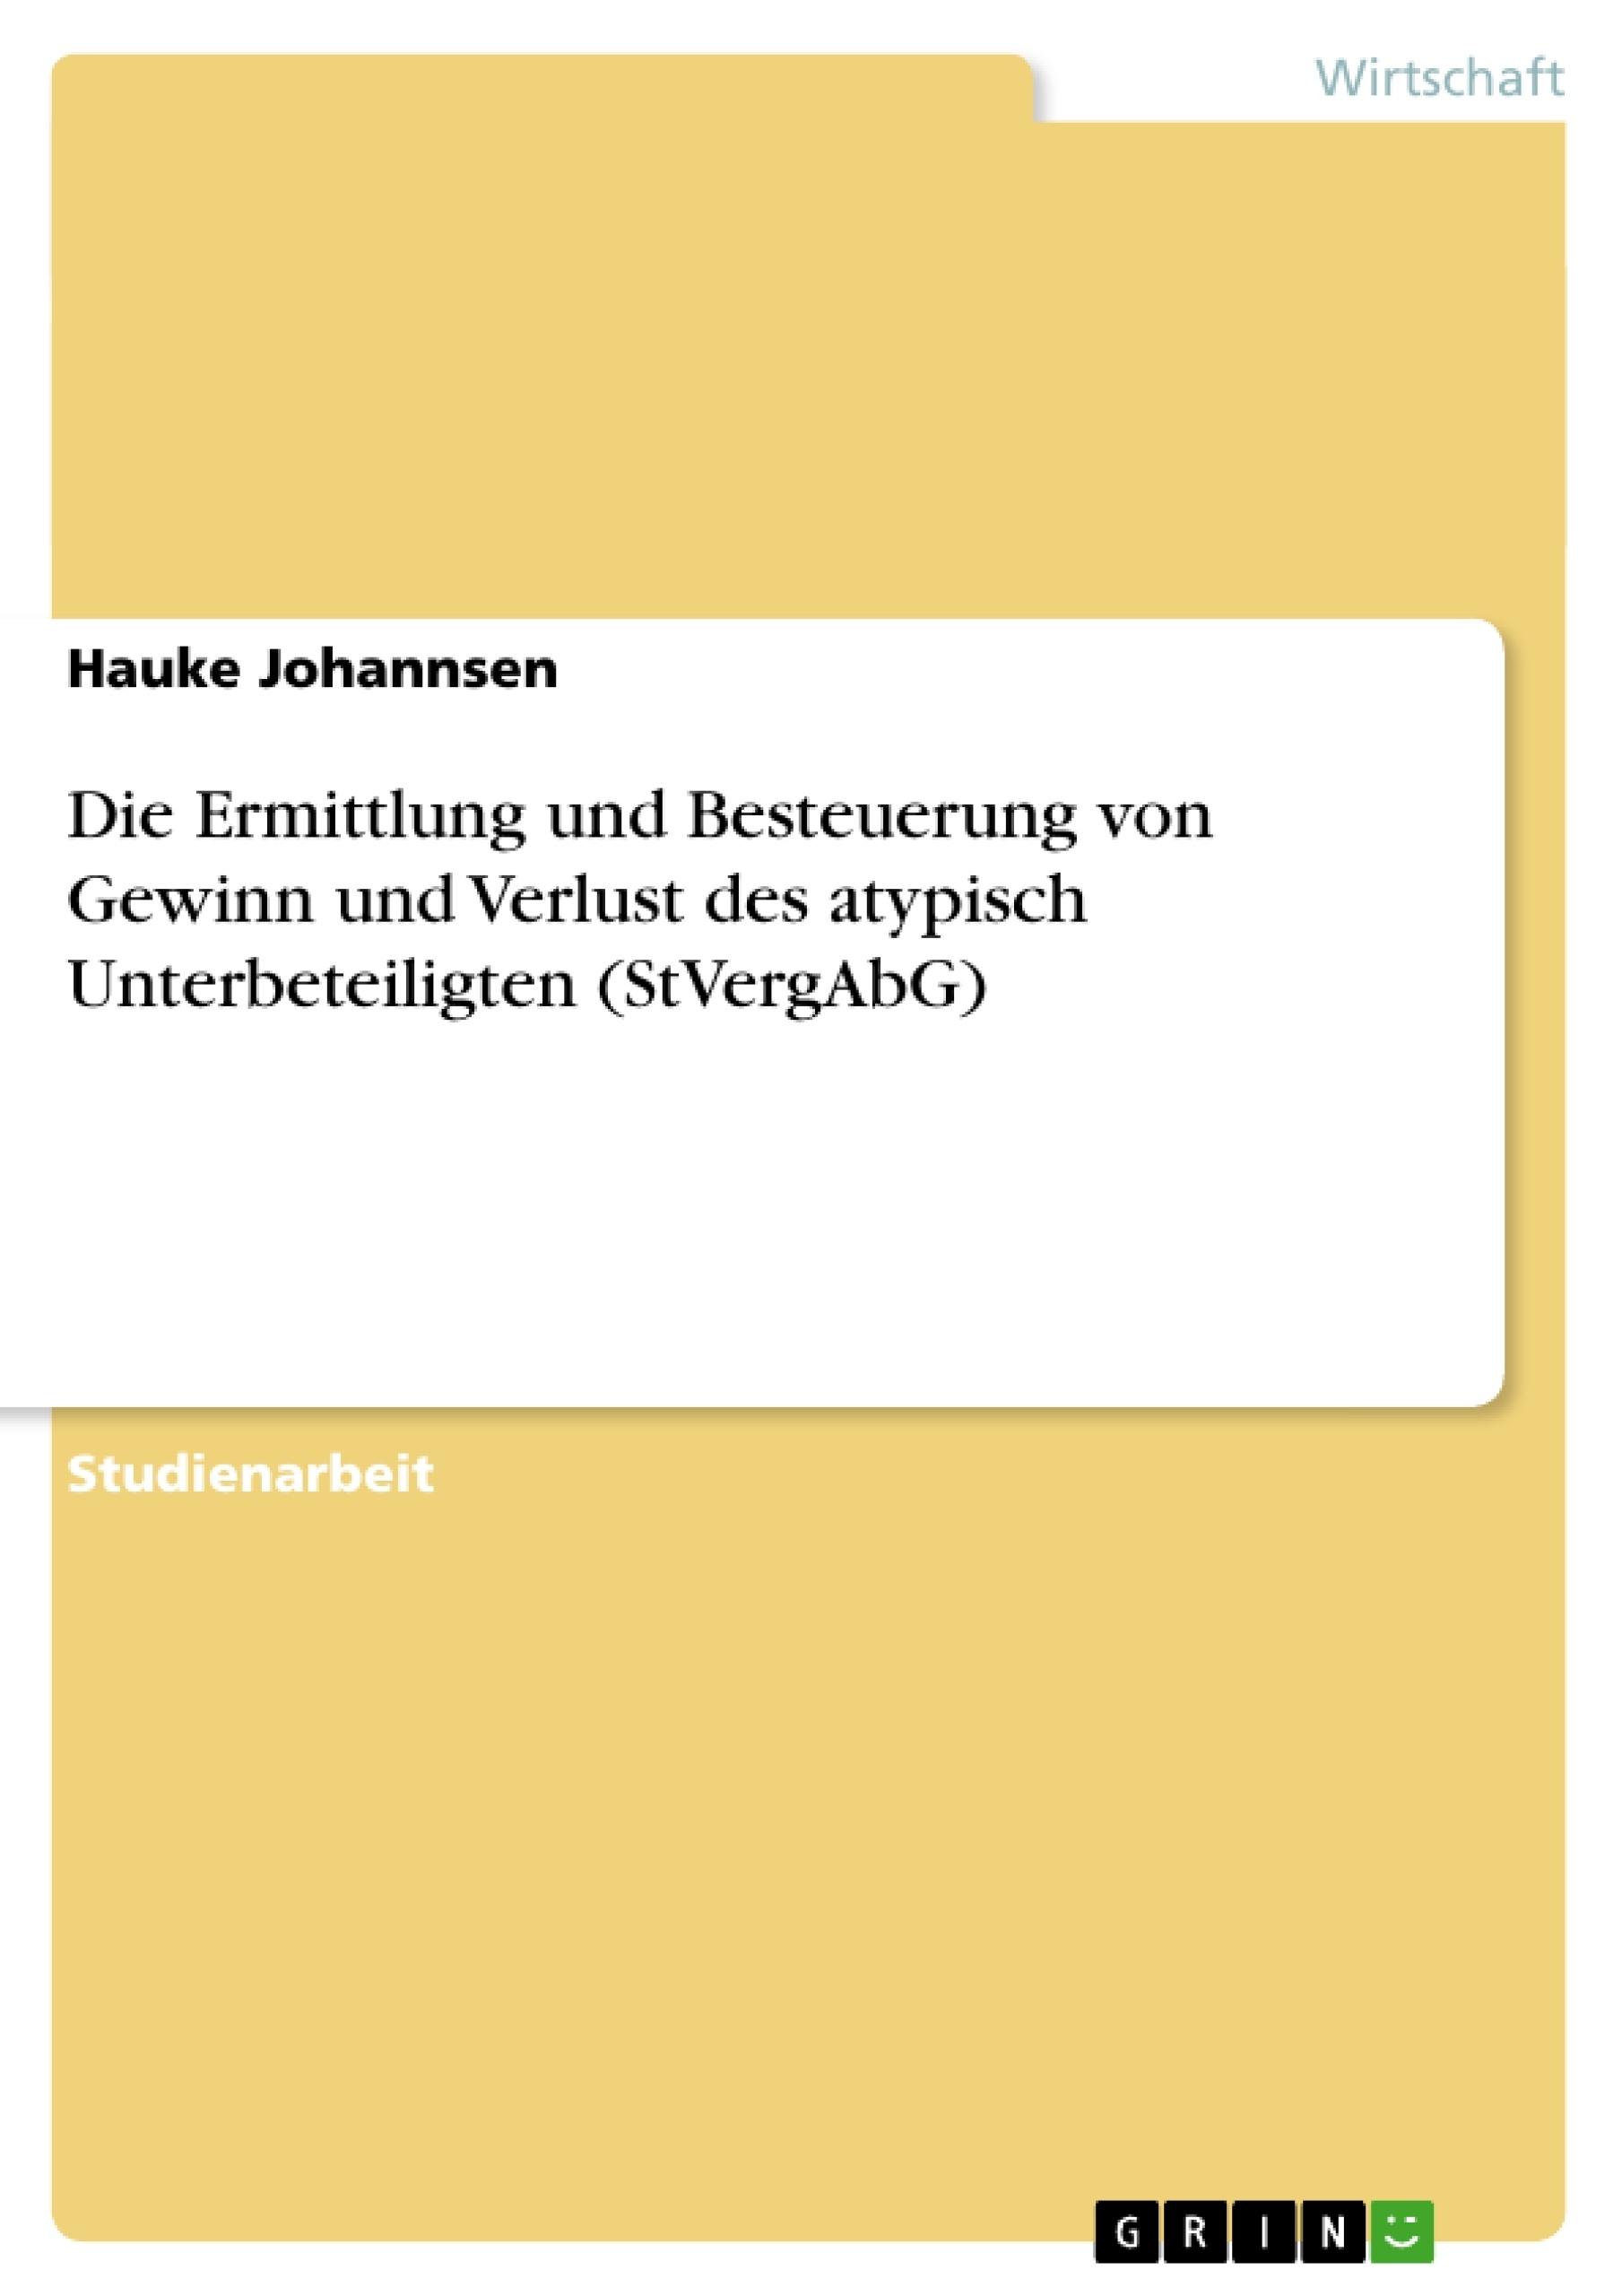 Titel: Die Ermittlung und Besteuerung von Gewinn und Verlust  des atypisch Unterbeteiligten (StVergAbG)